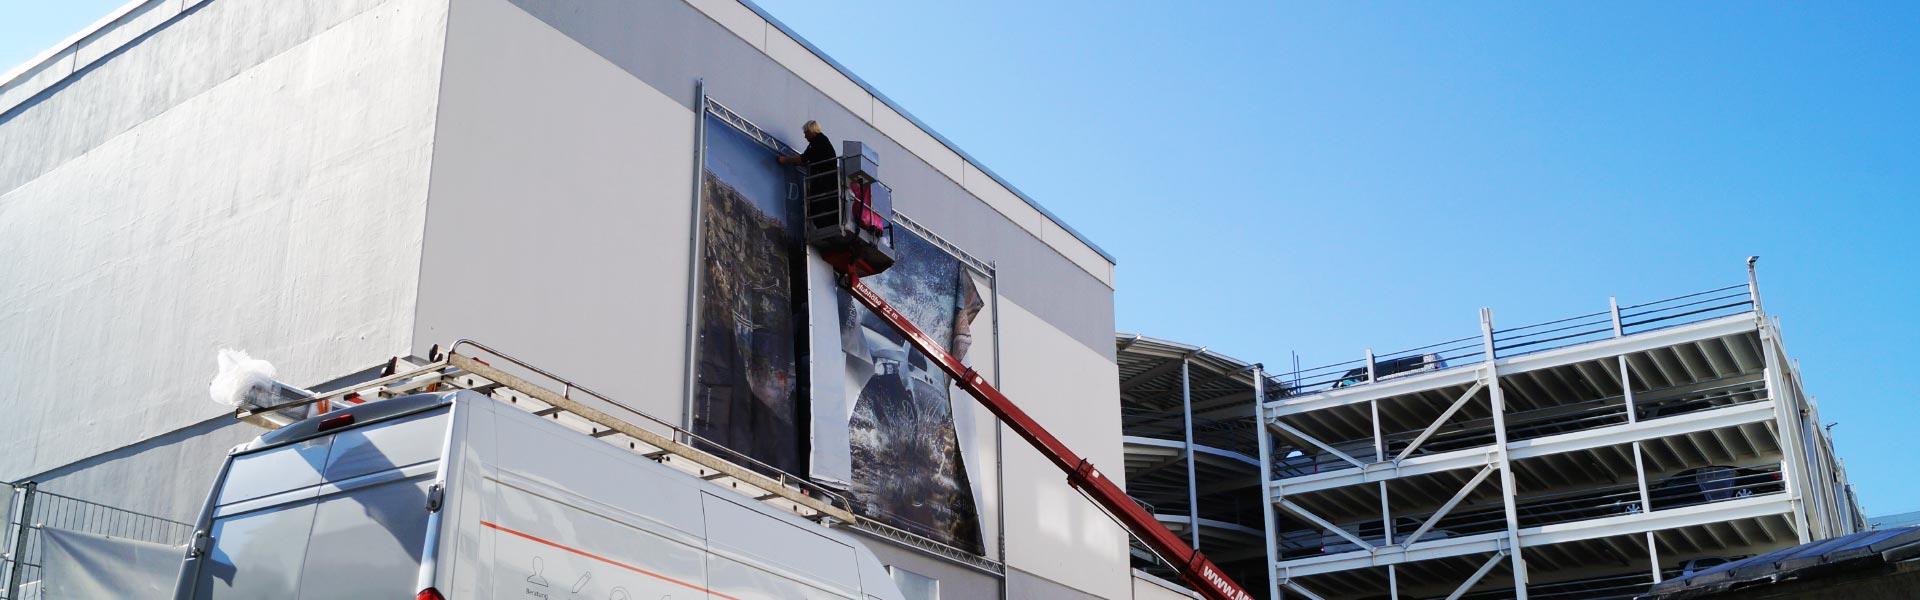 Befestigung eines Werbebanners an einer Fassade zur Darstellung von Fassadenwerbung